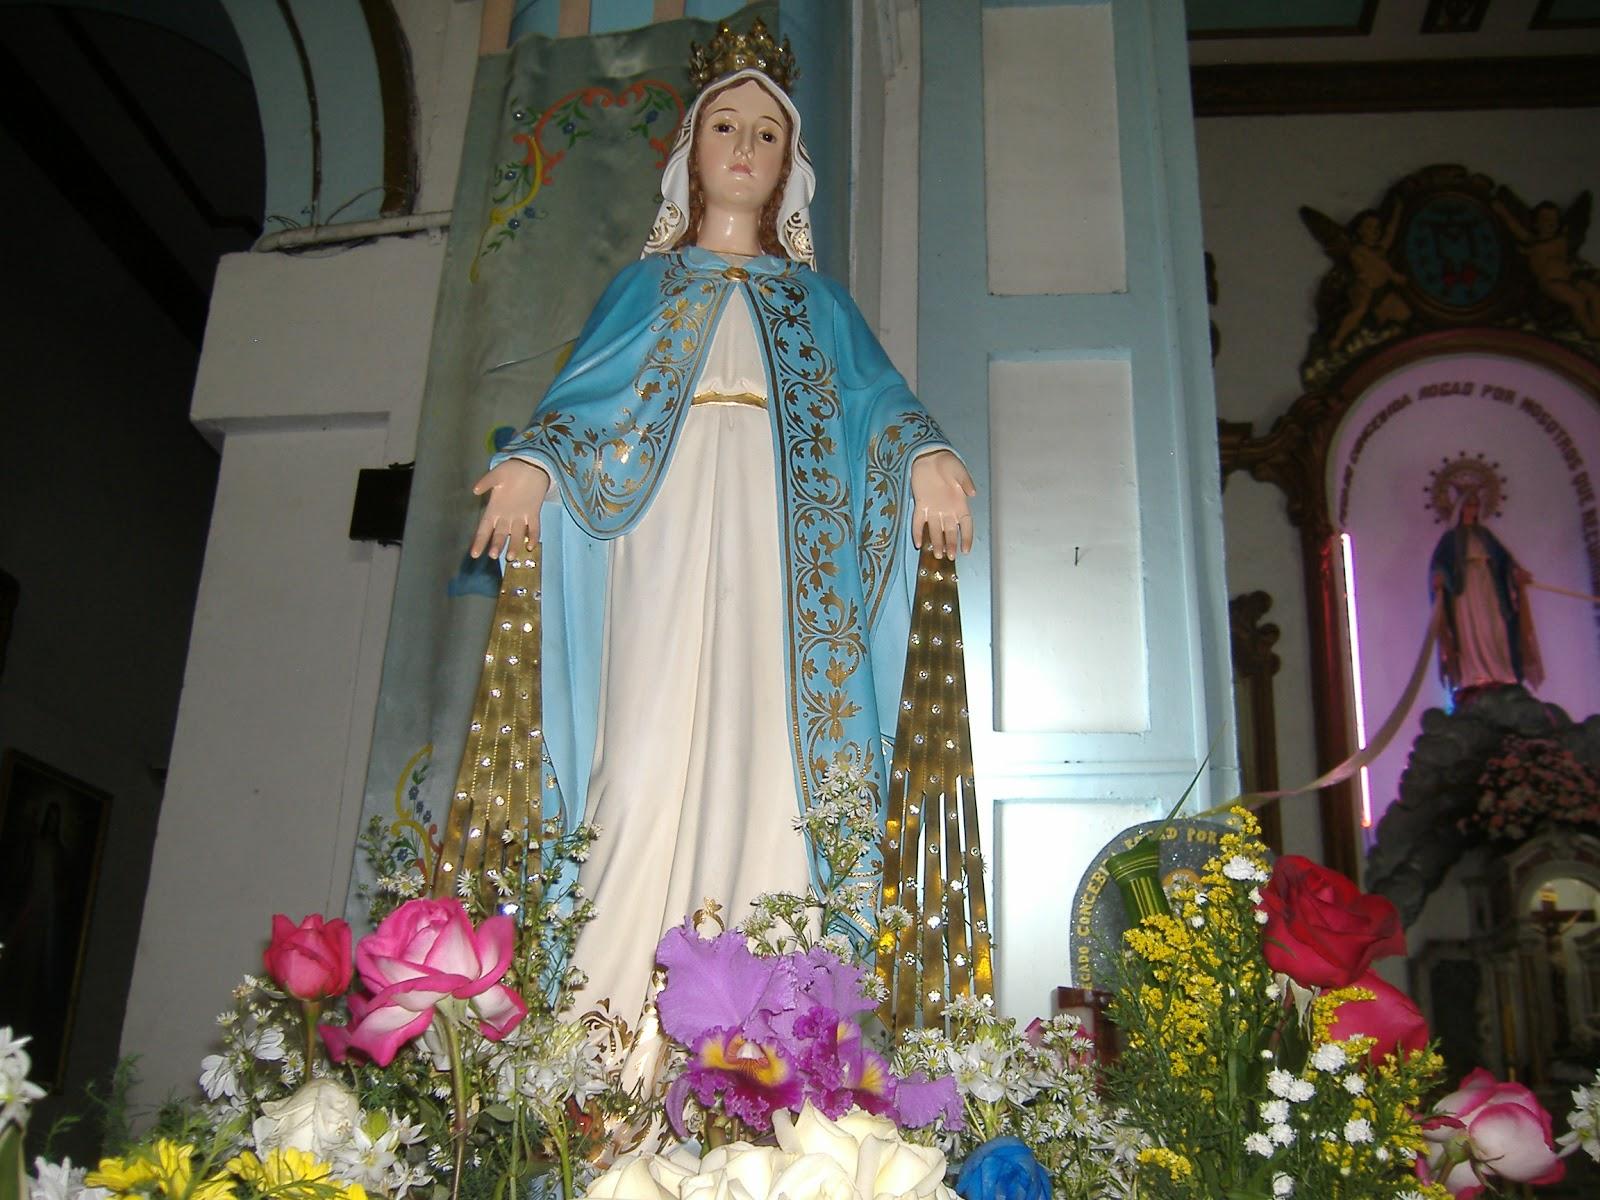 Por qué la Medalla Milagrosa Contiene el Resumen de las Apariciones Modernas de María